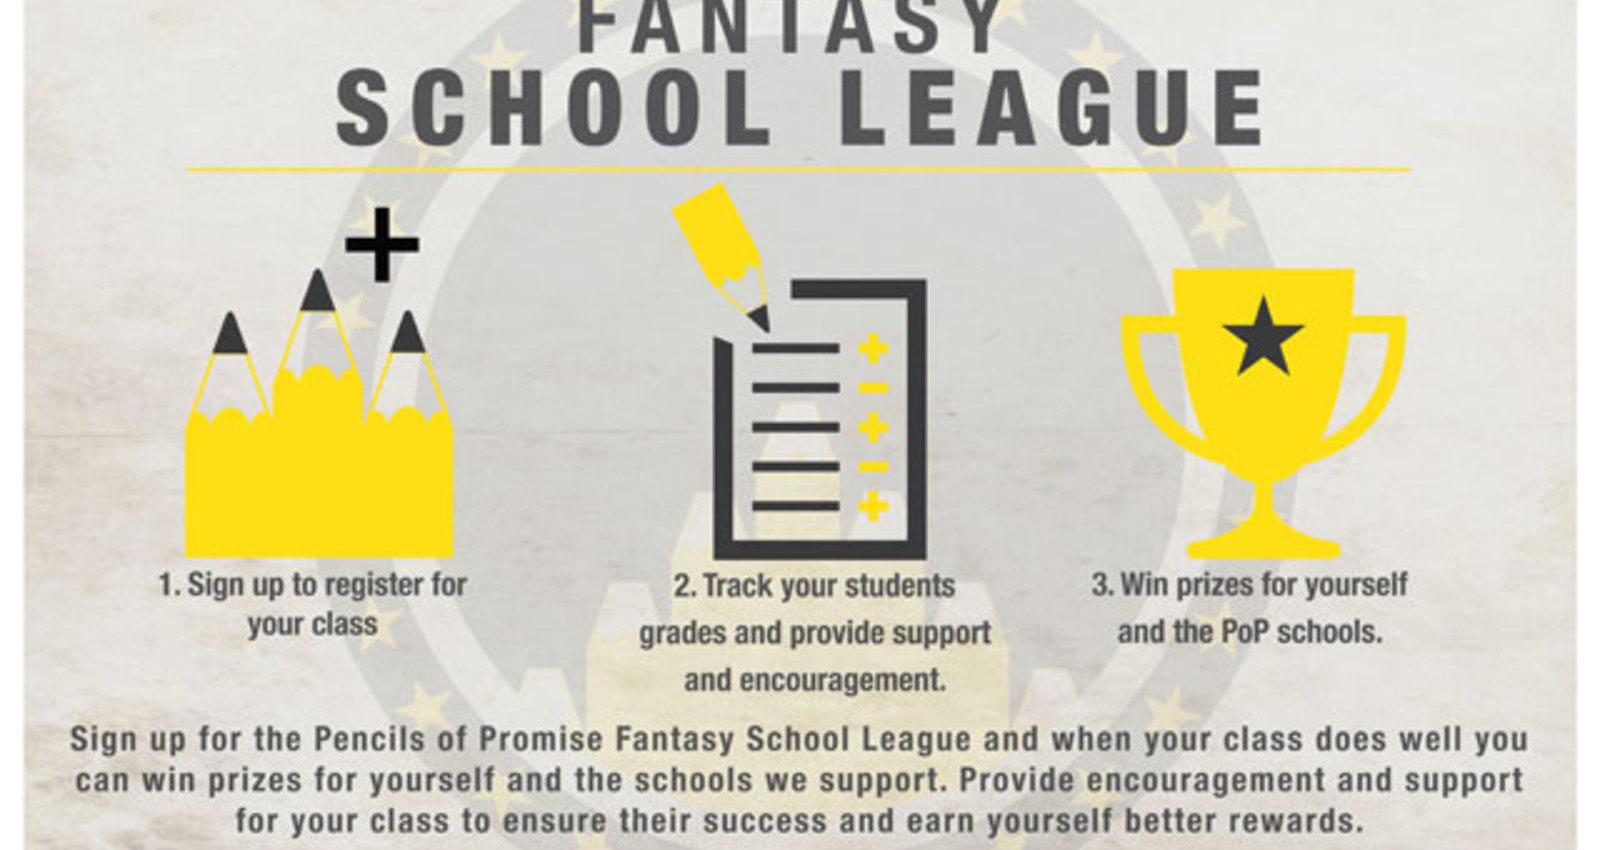 Fantasy School League